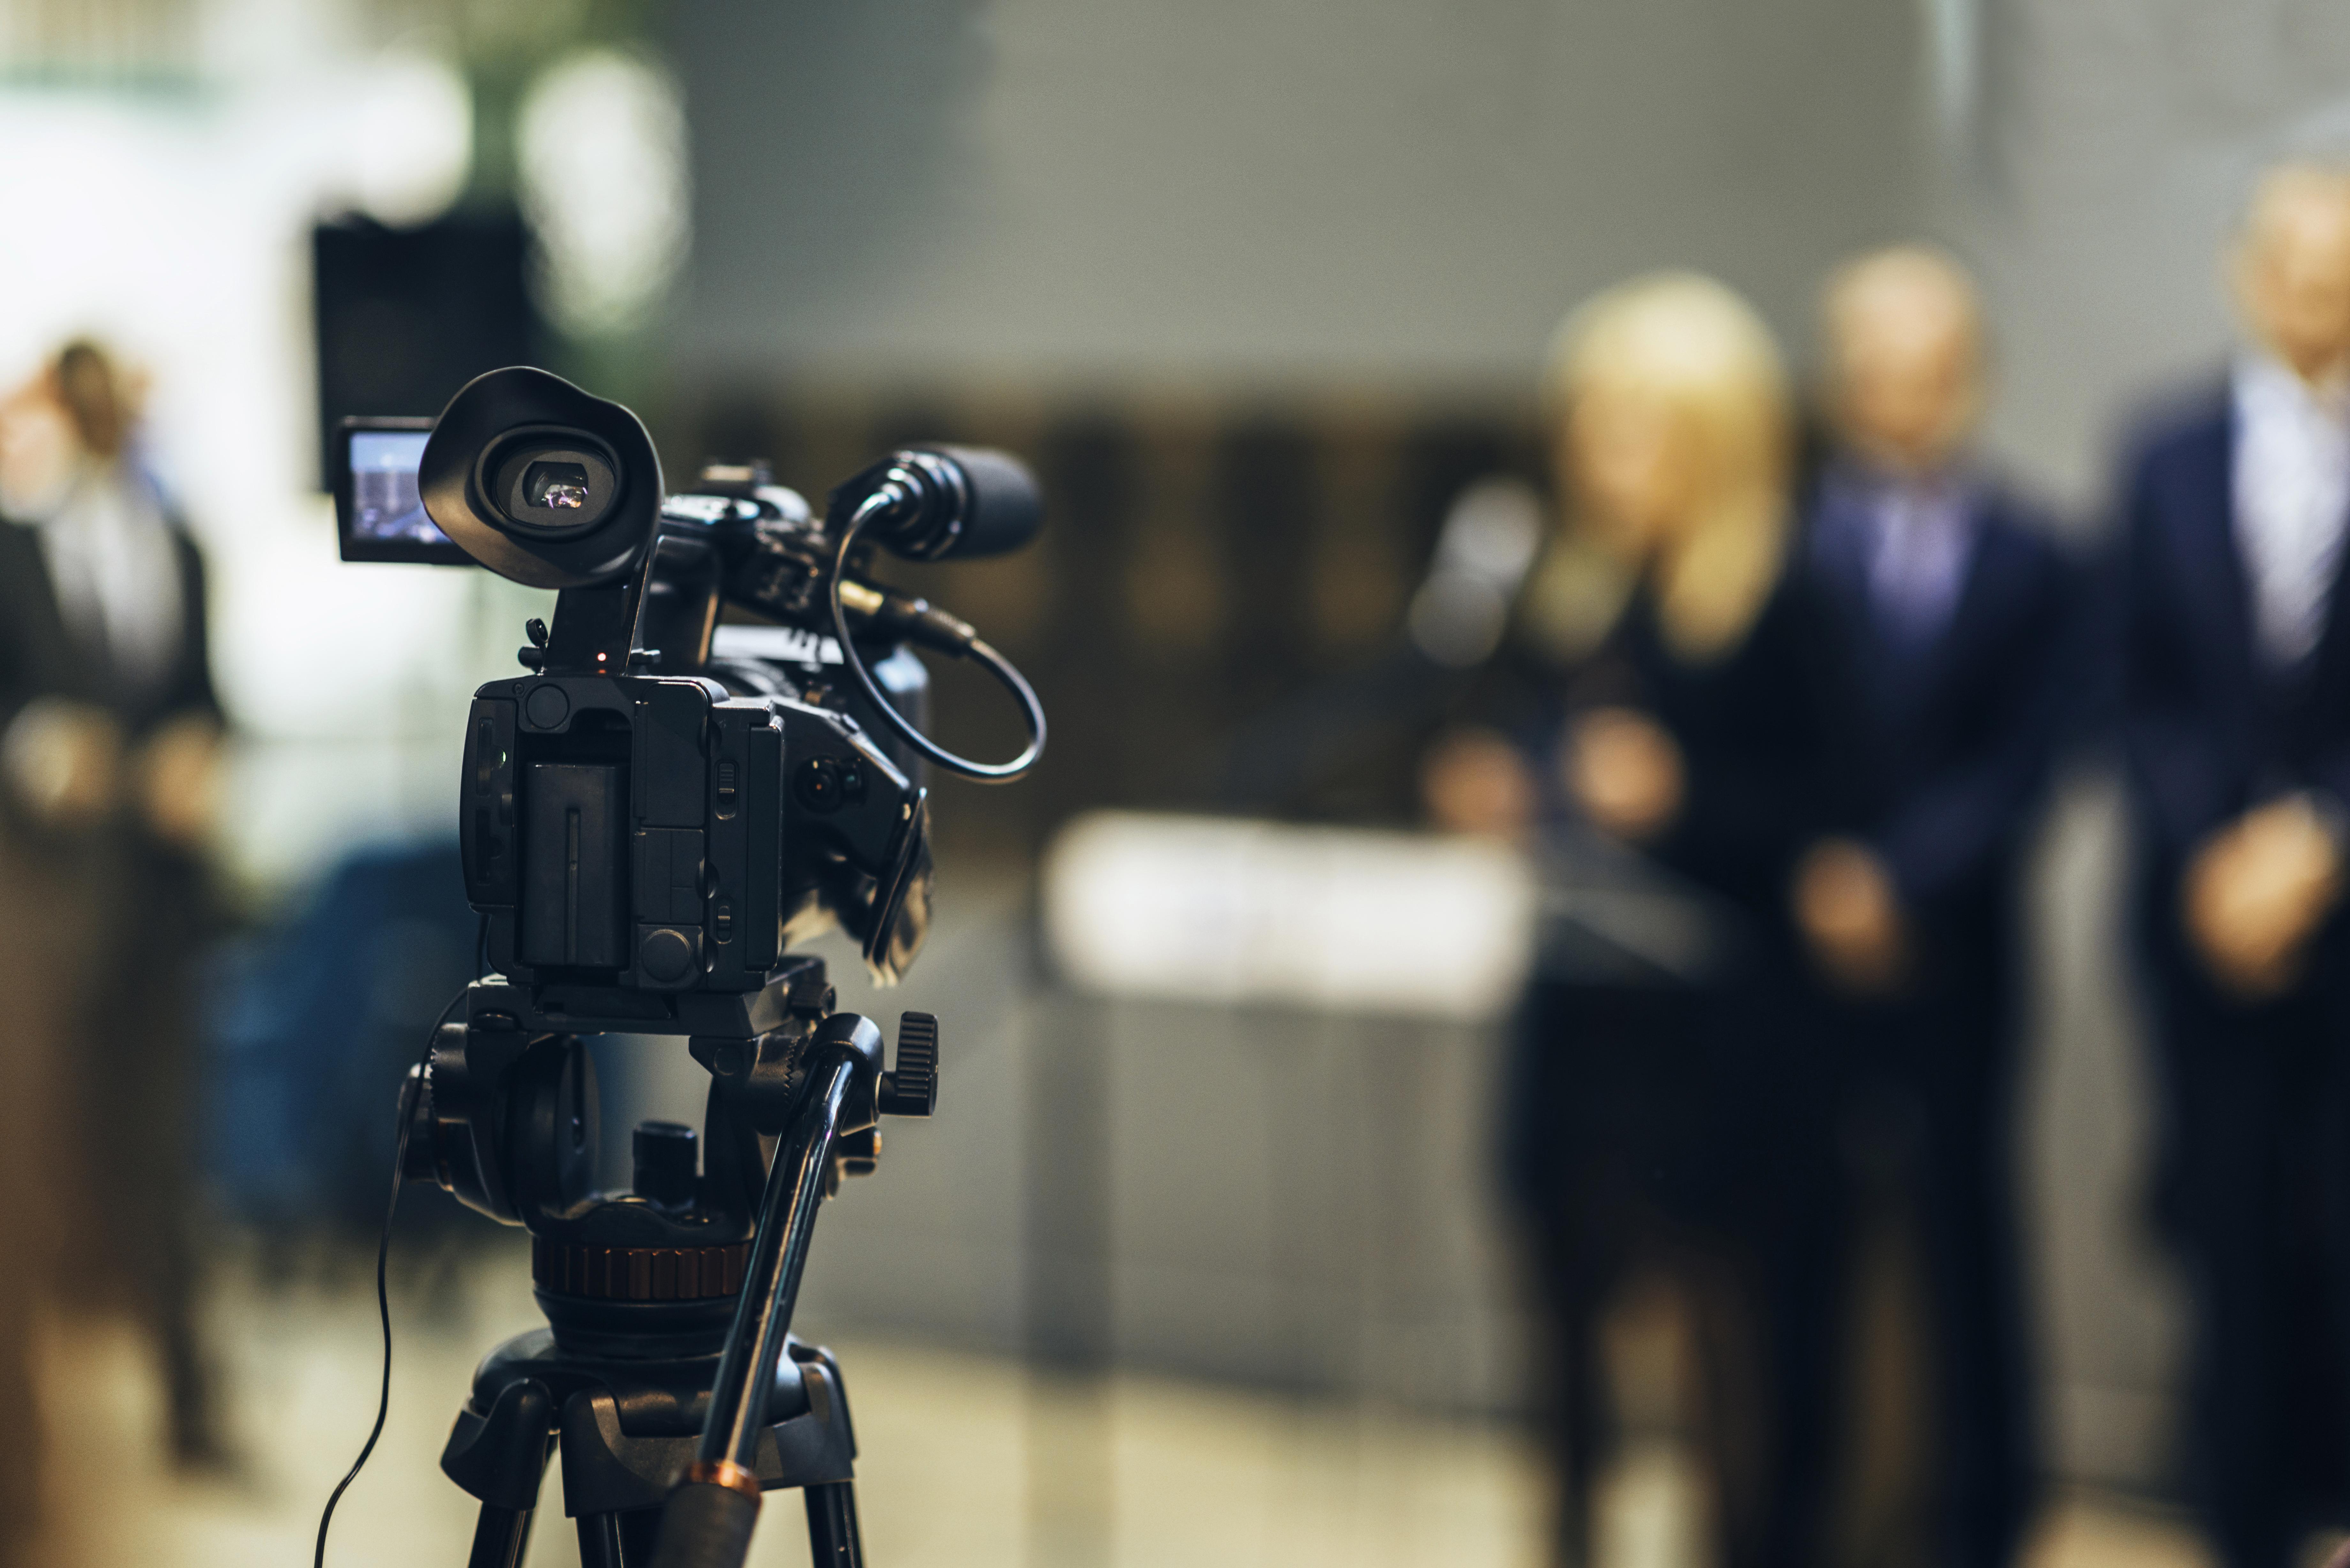 Camera media coverage